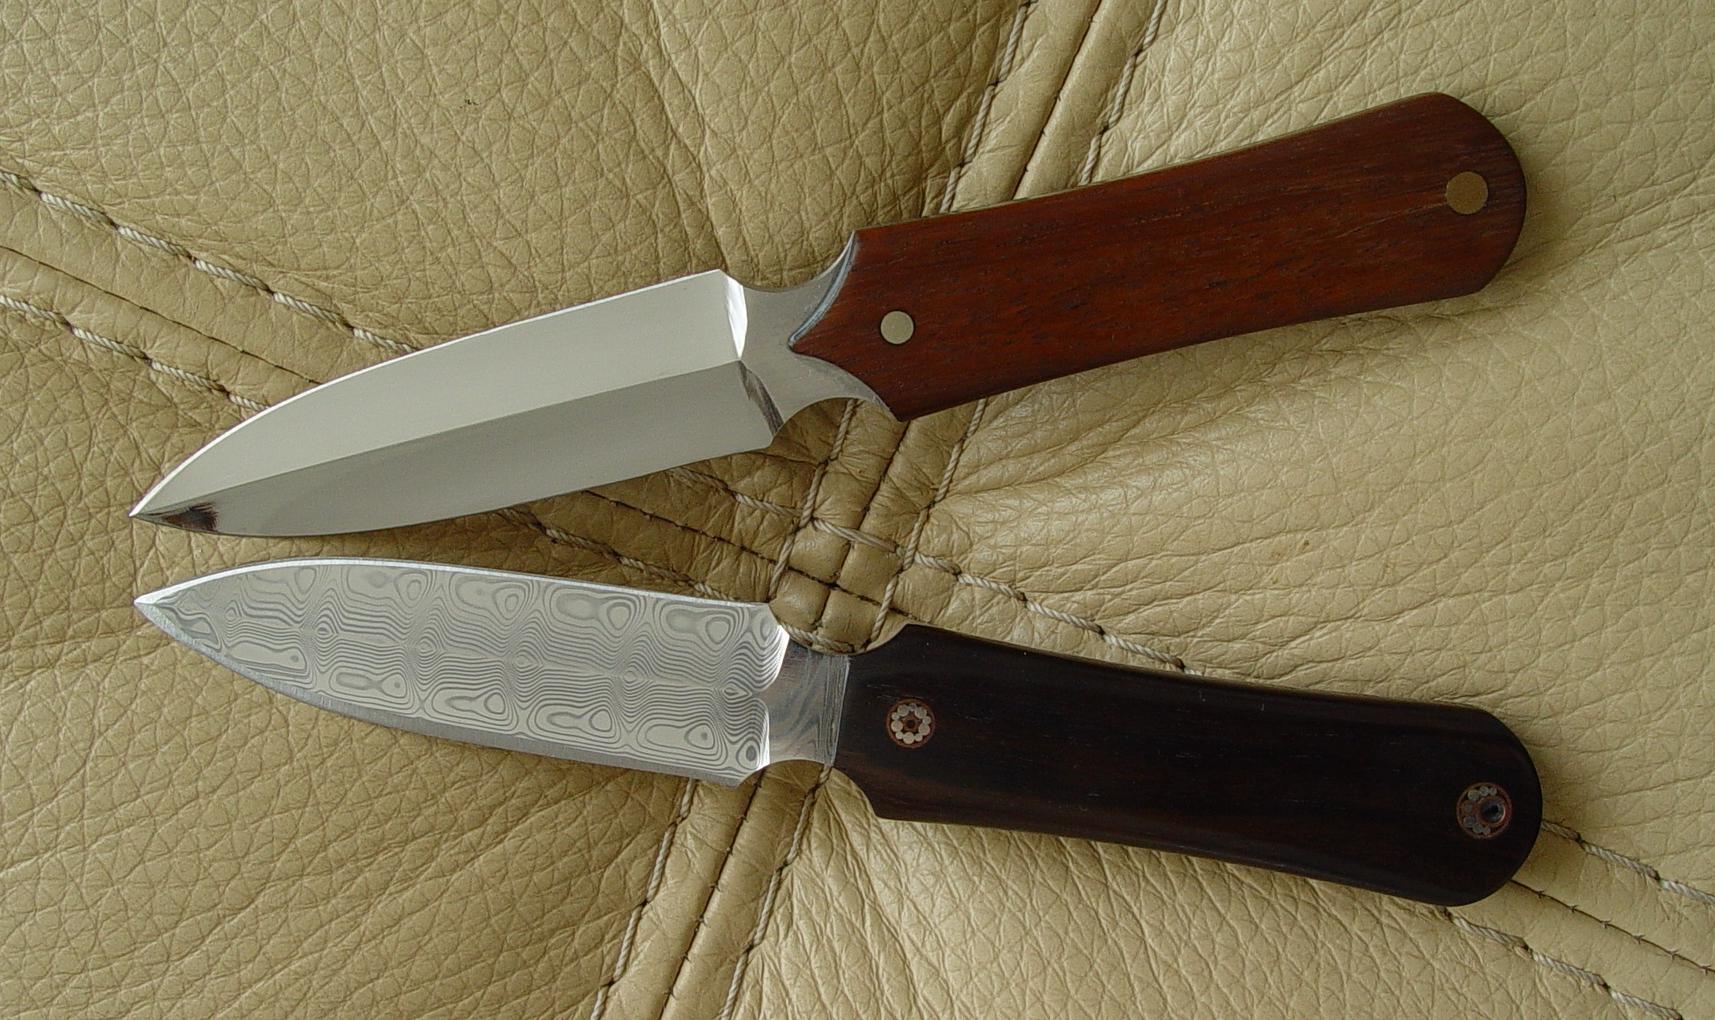 Two Gentleman's brief case daggers